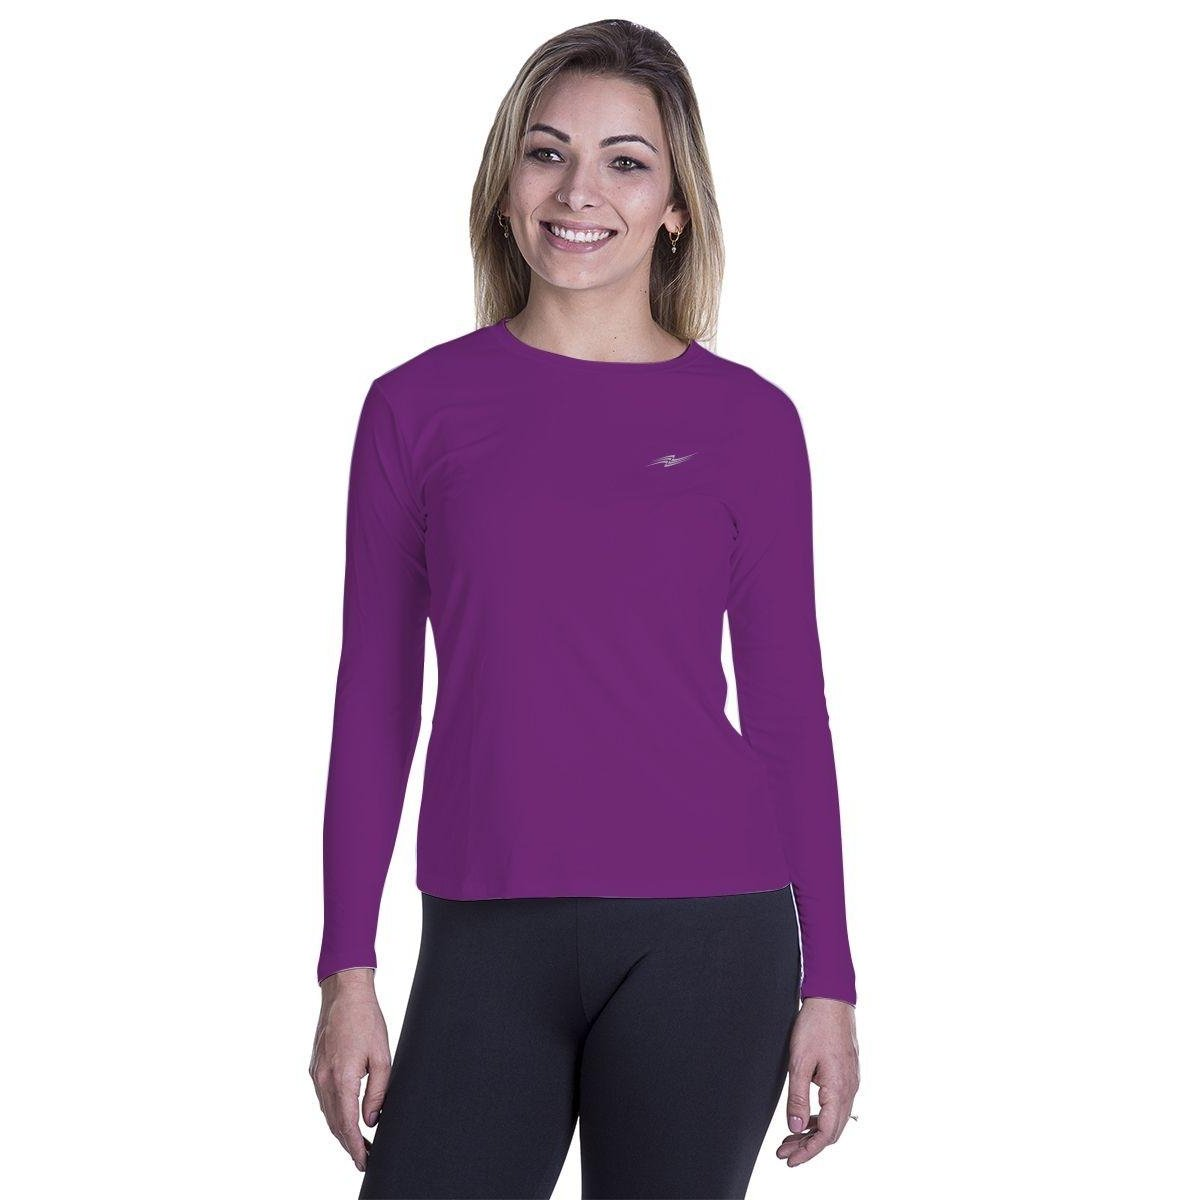 Proteção UV Camiseta Camiseta Roxo Proteção UV nfZqRR